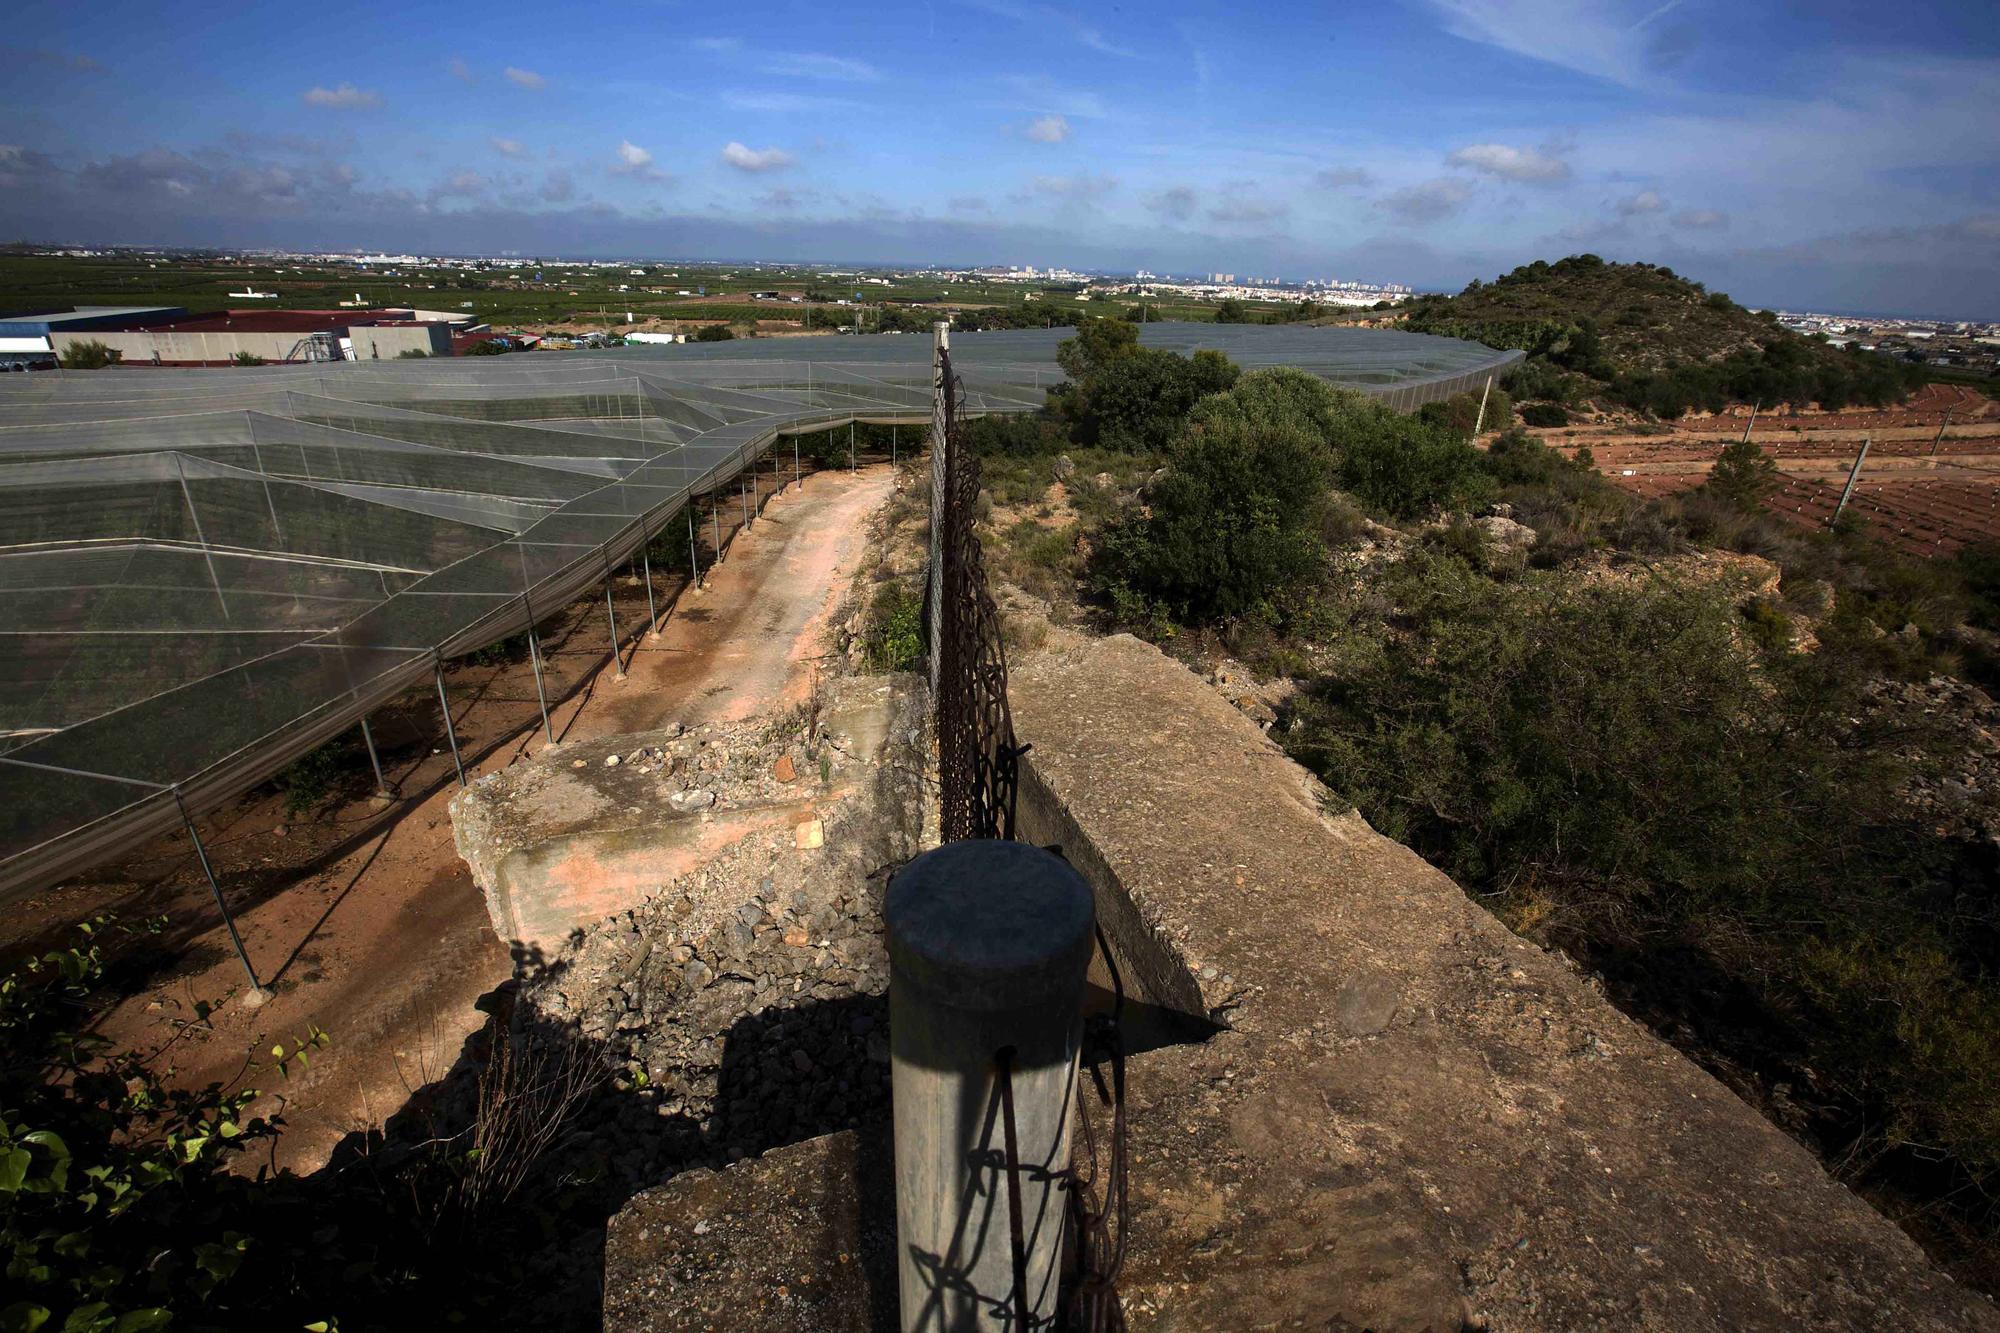 Trincheras Valencia Prov. 049.JPG